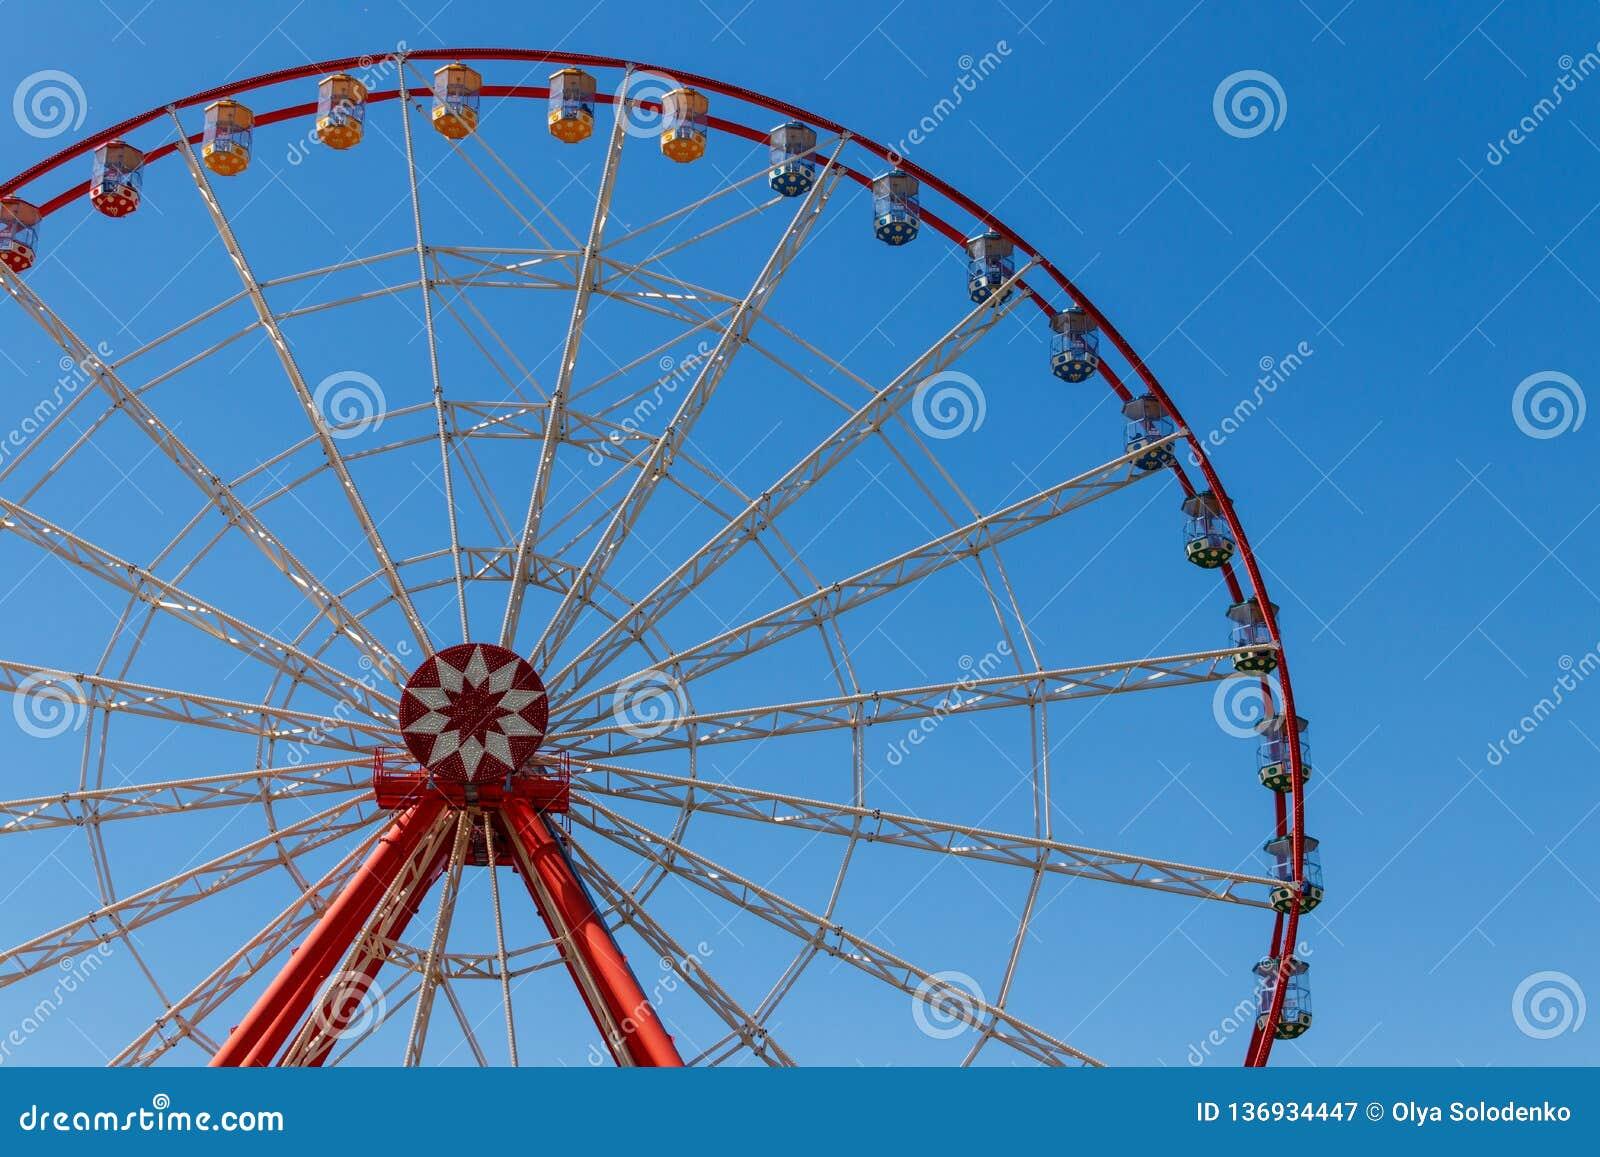 Ferris wheel on background of blue sky in Gorky Park. Kharkov, Ukraine